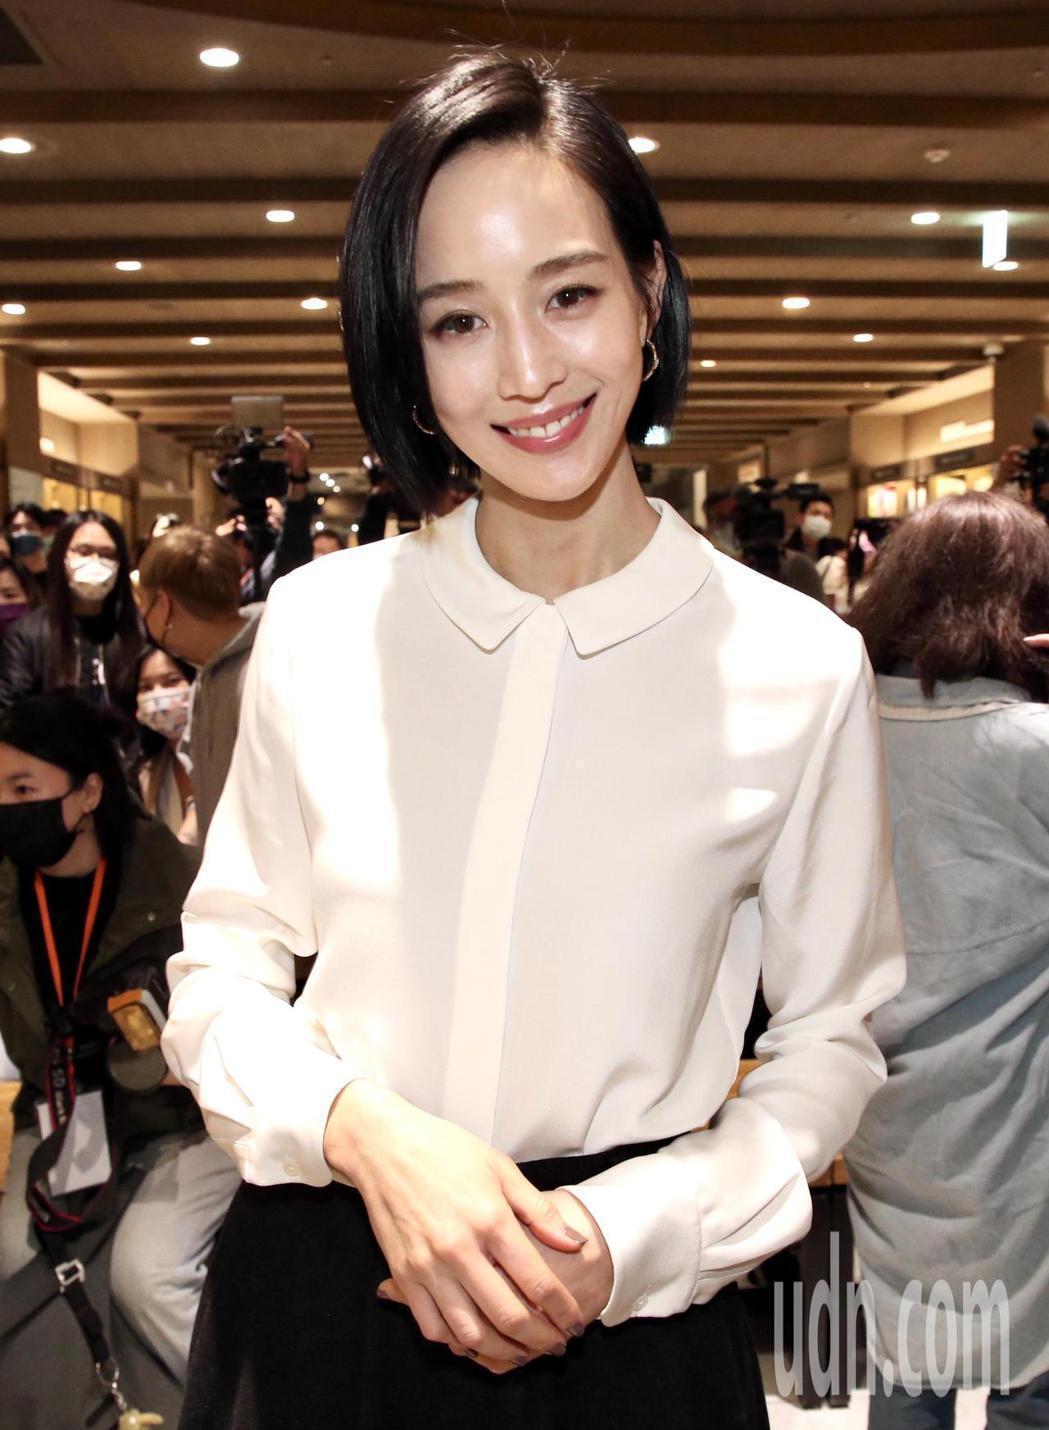 張鈞甯現身作家媽媽鄭如晴新書「沸點」分享會,為母親站台。記者林俊良/攝影